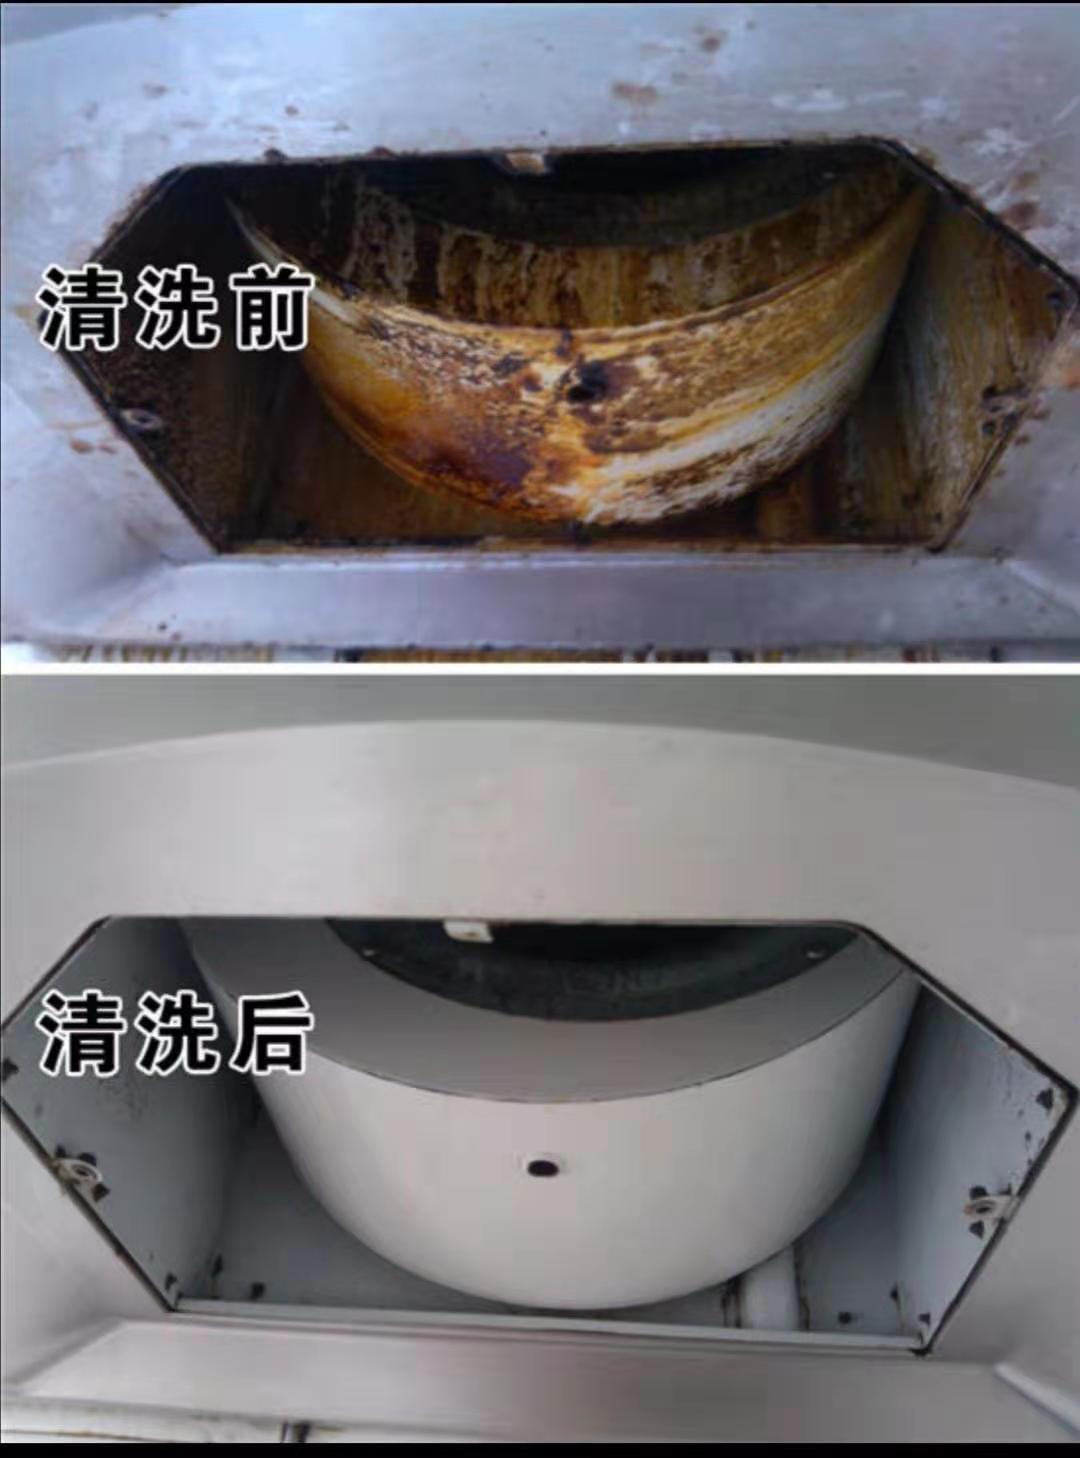 電器設備清洗-專業的家電清洗服務哪里找